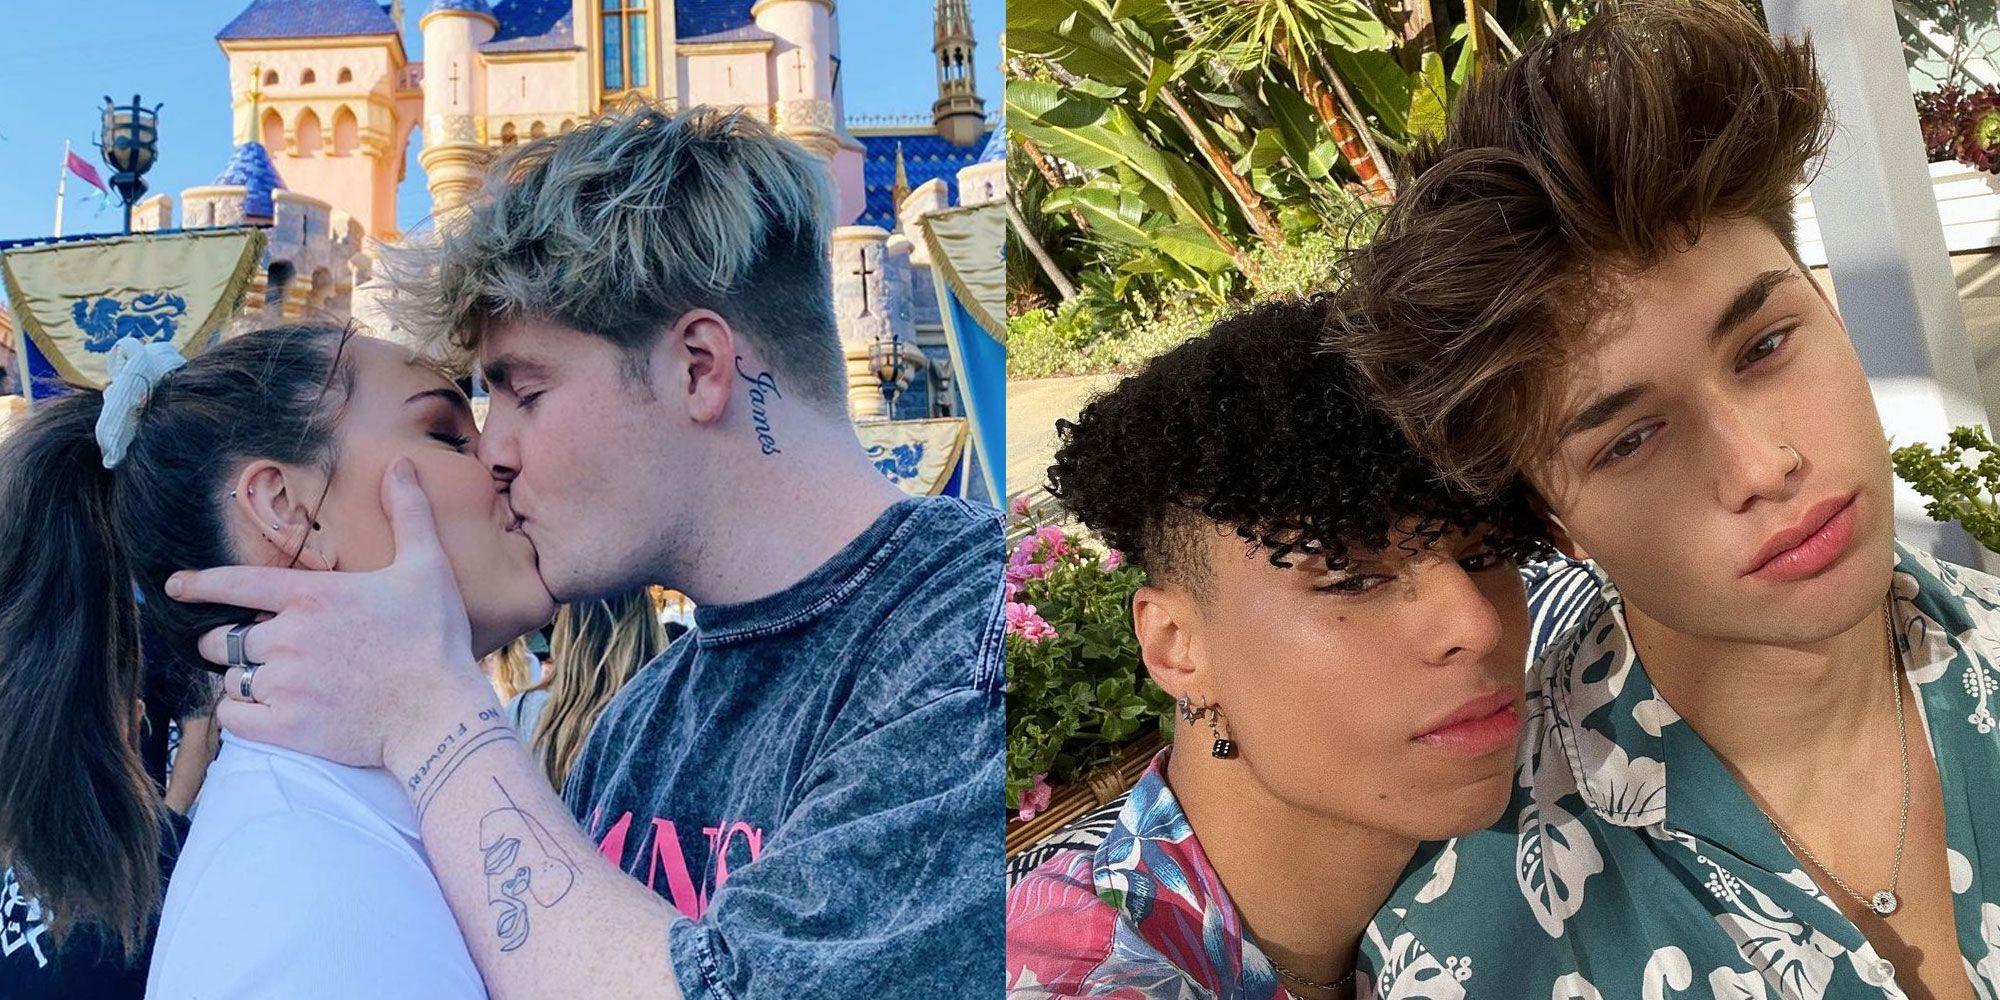 dating on- line honduras spruche warum om singur sein sollte